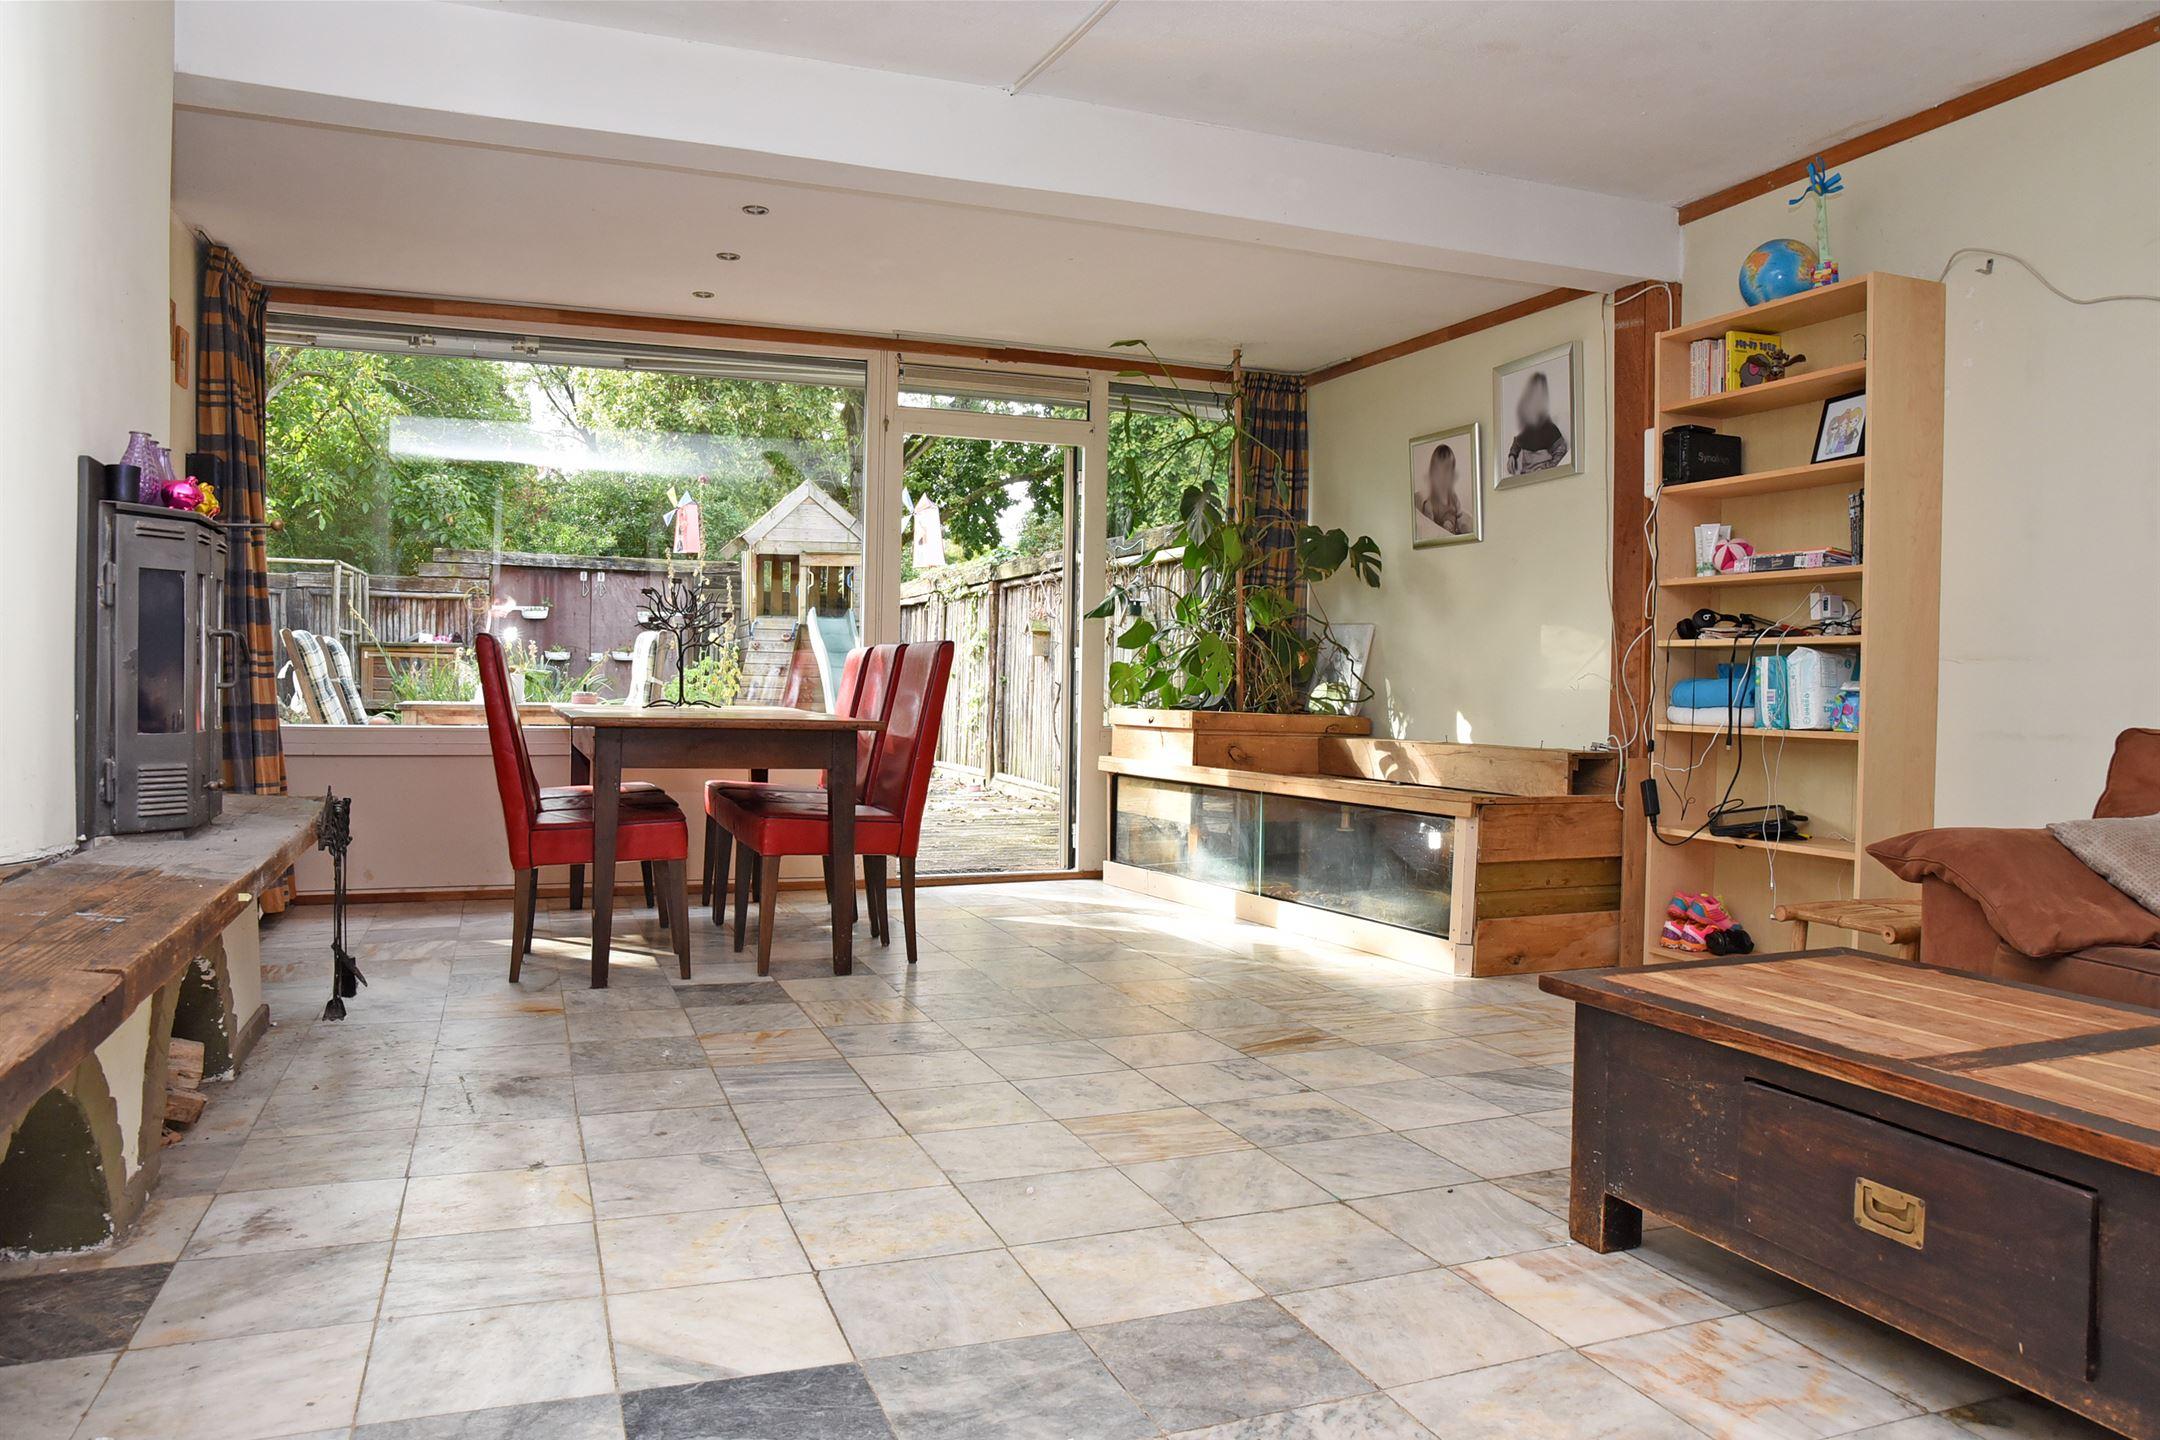 Huis te koop zwanenveld 2552 6538 nk nijmegen funda for Woning te koop nijmegen